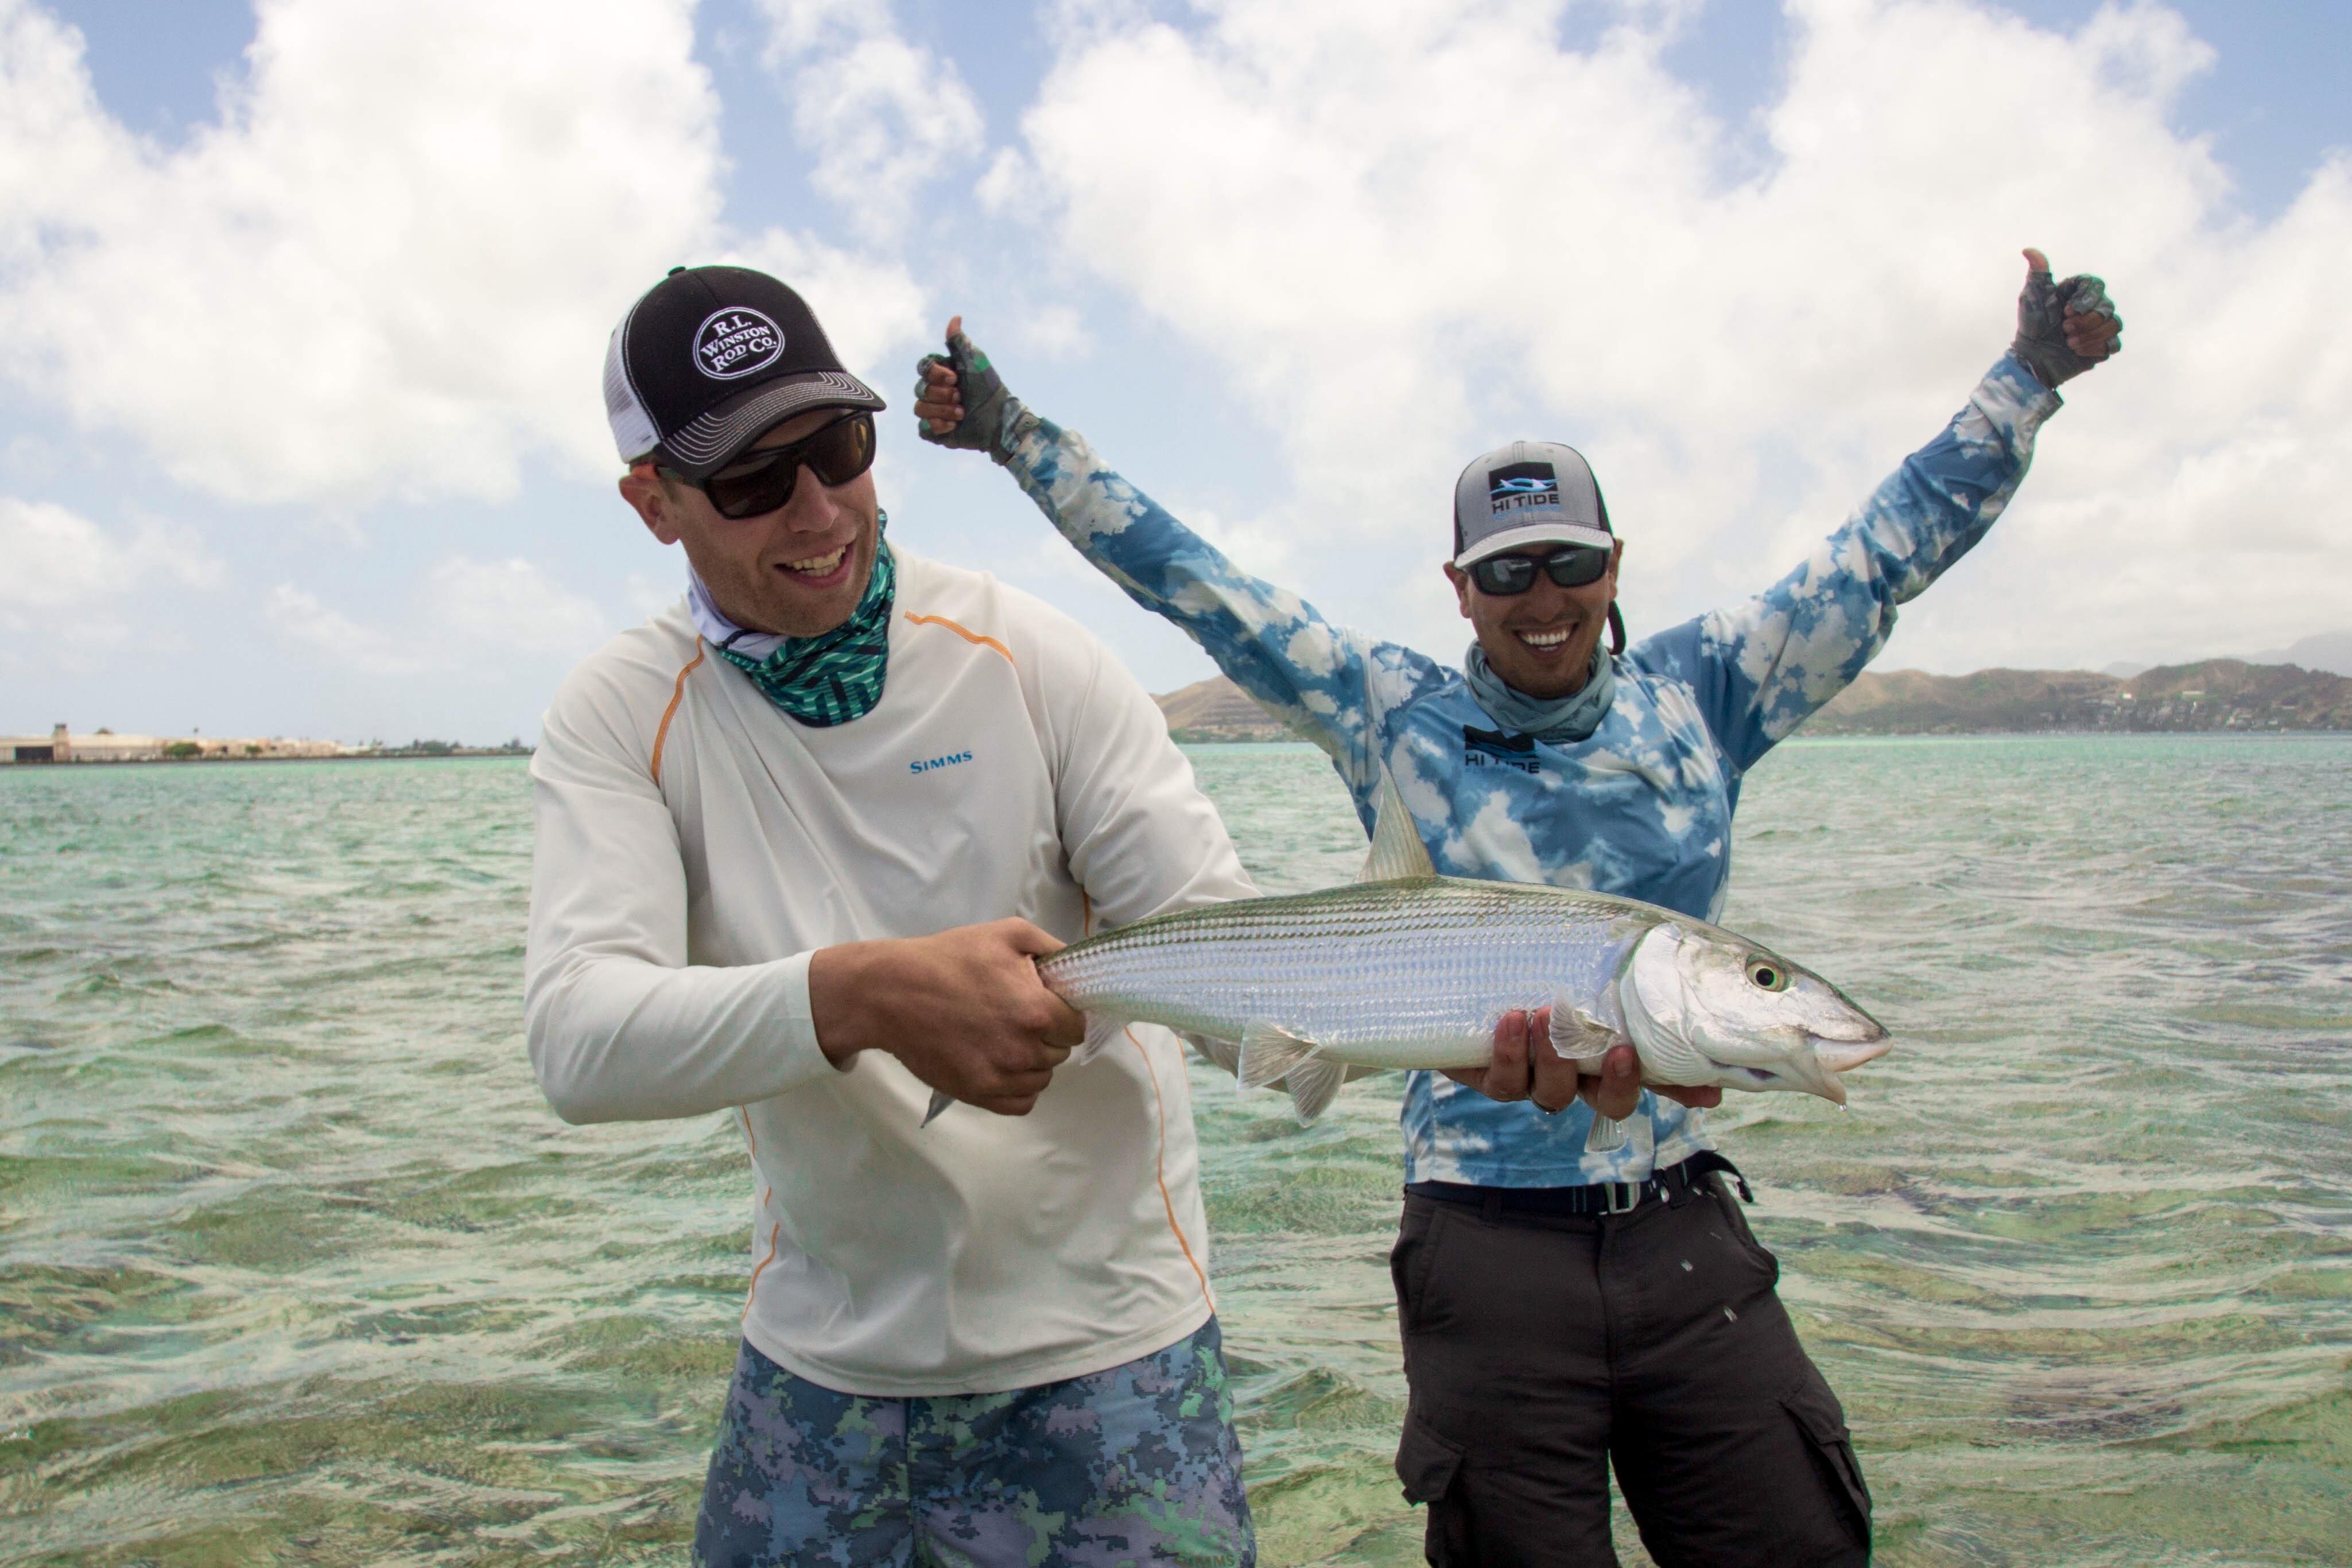 HI Tide Fishing: Oahu Hawaii Bonefish Trips